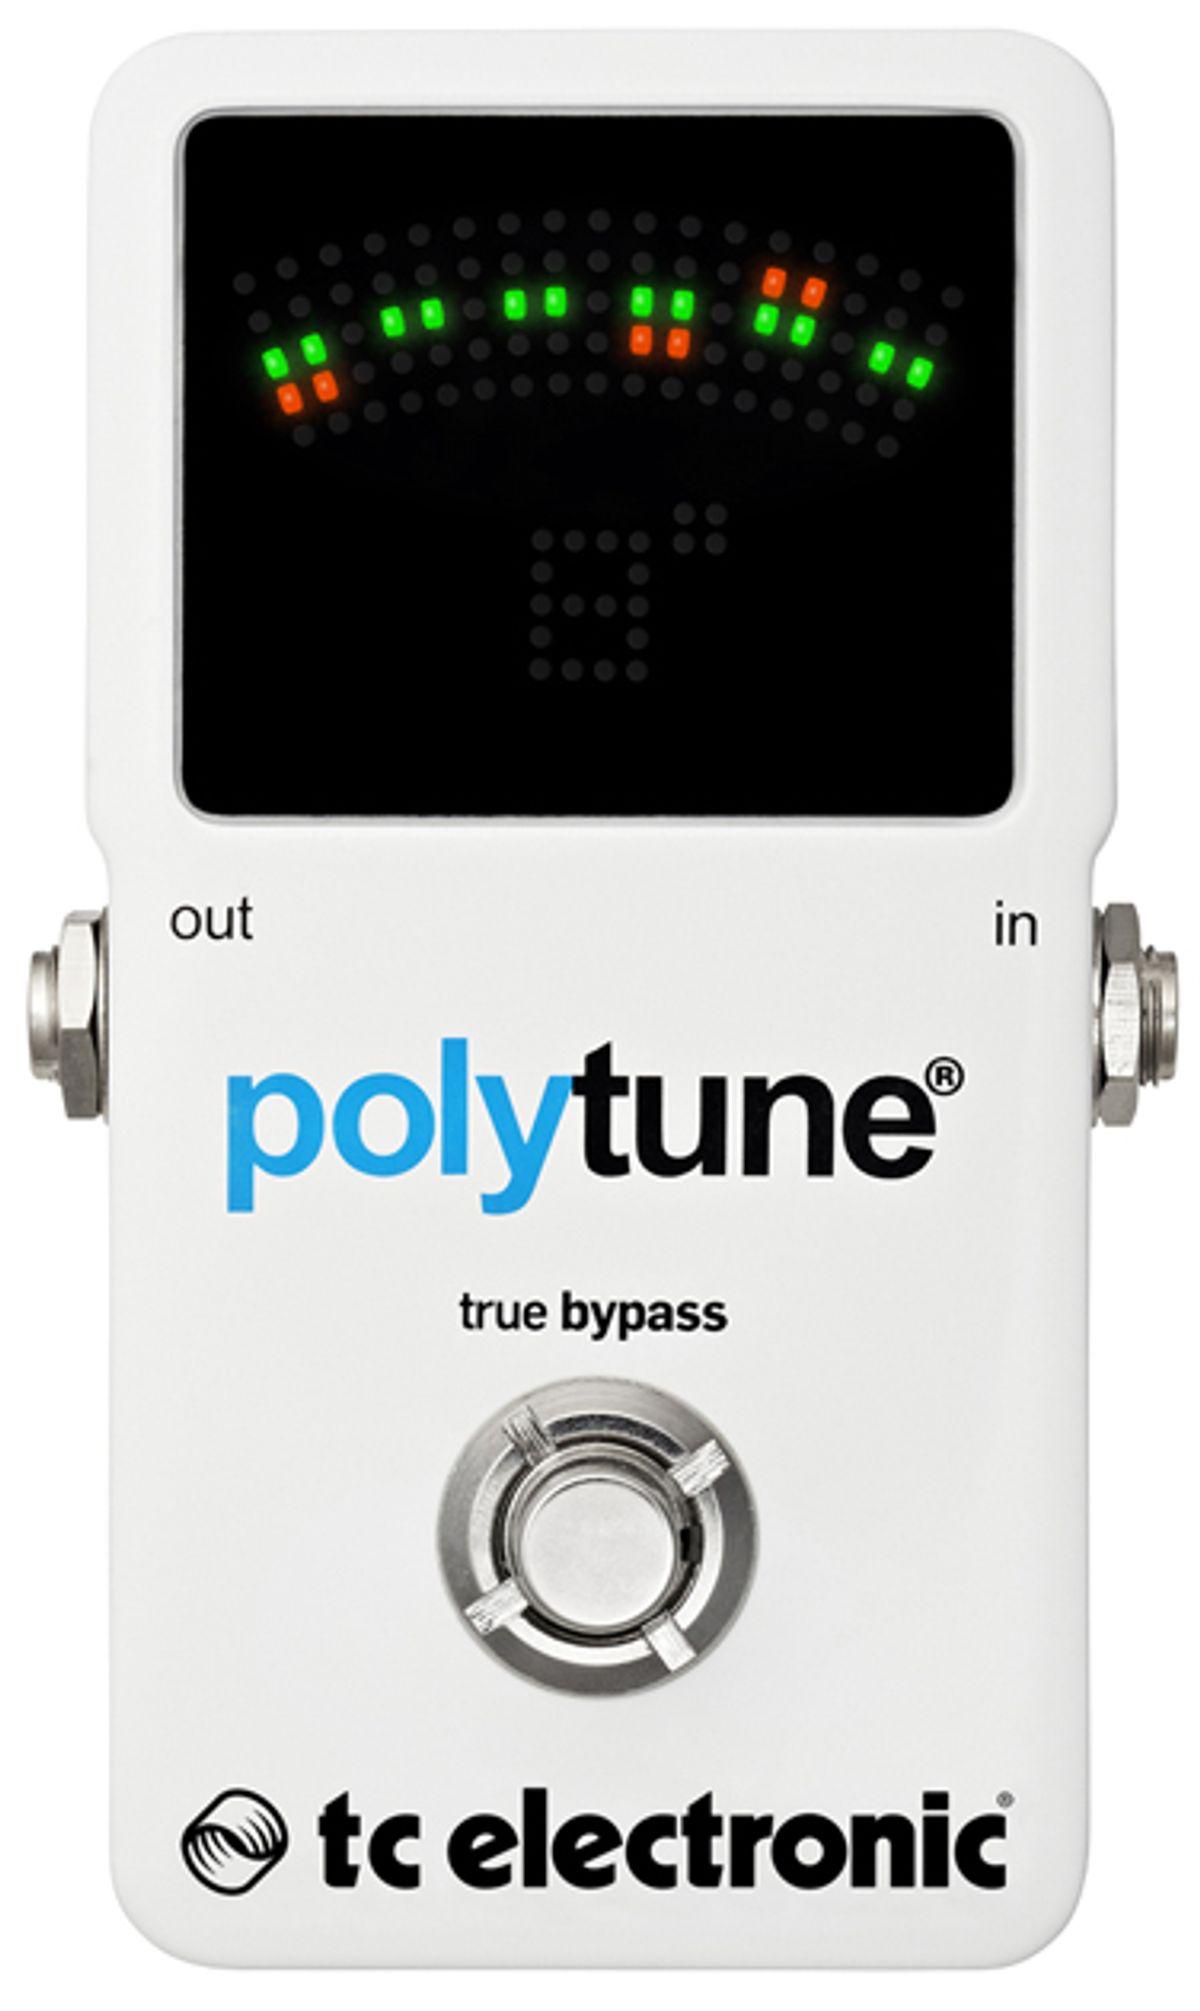 TC Electronic Announces PolyTune 2